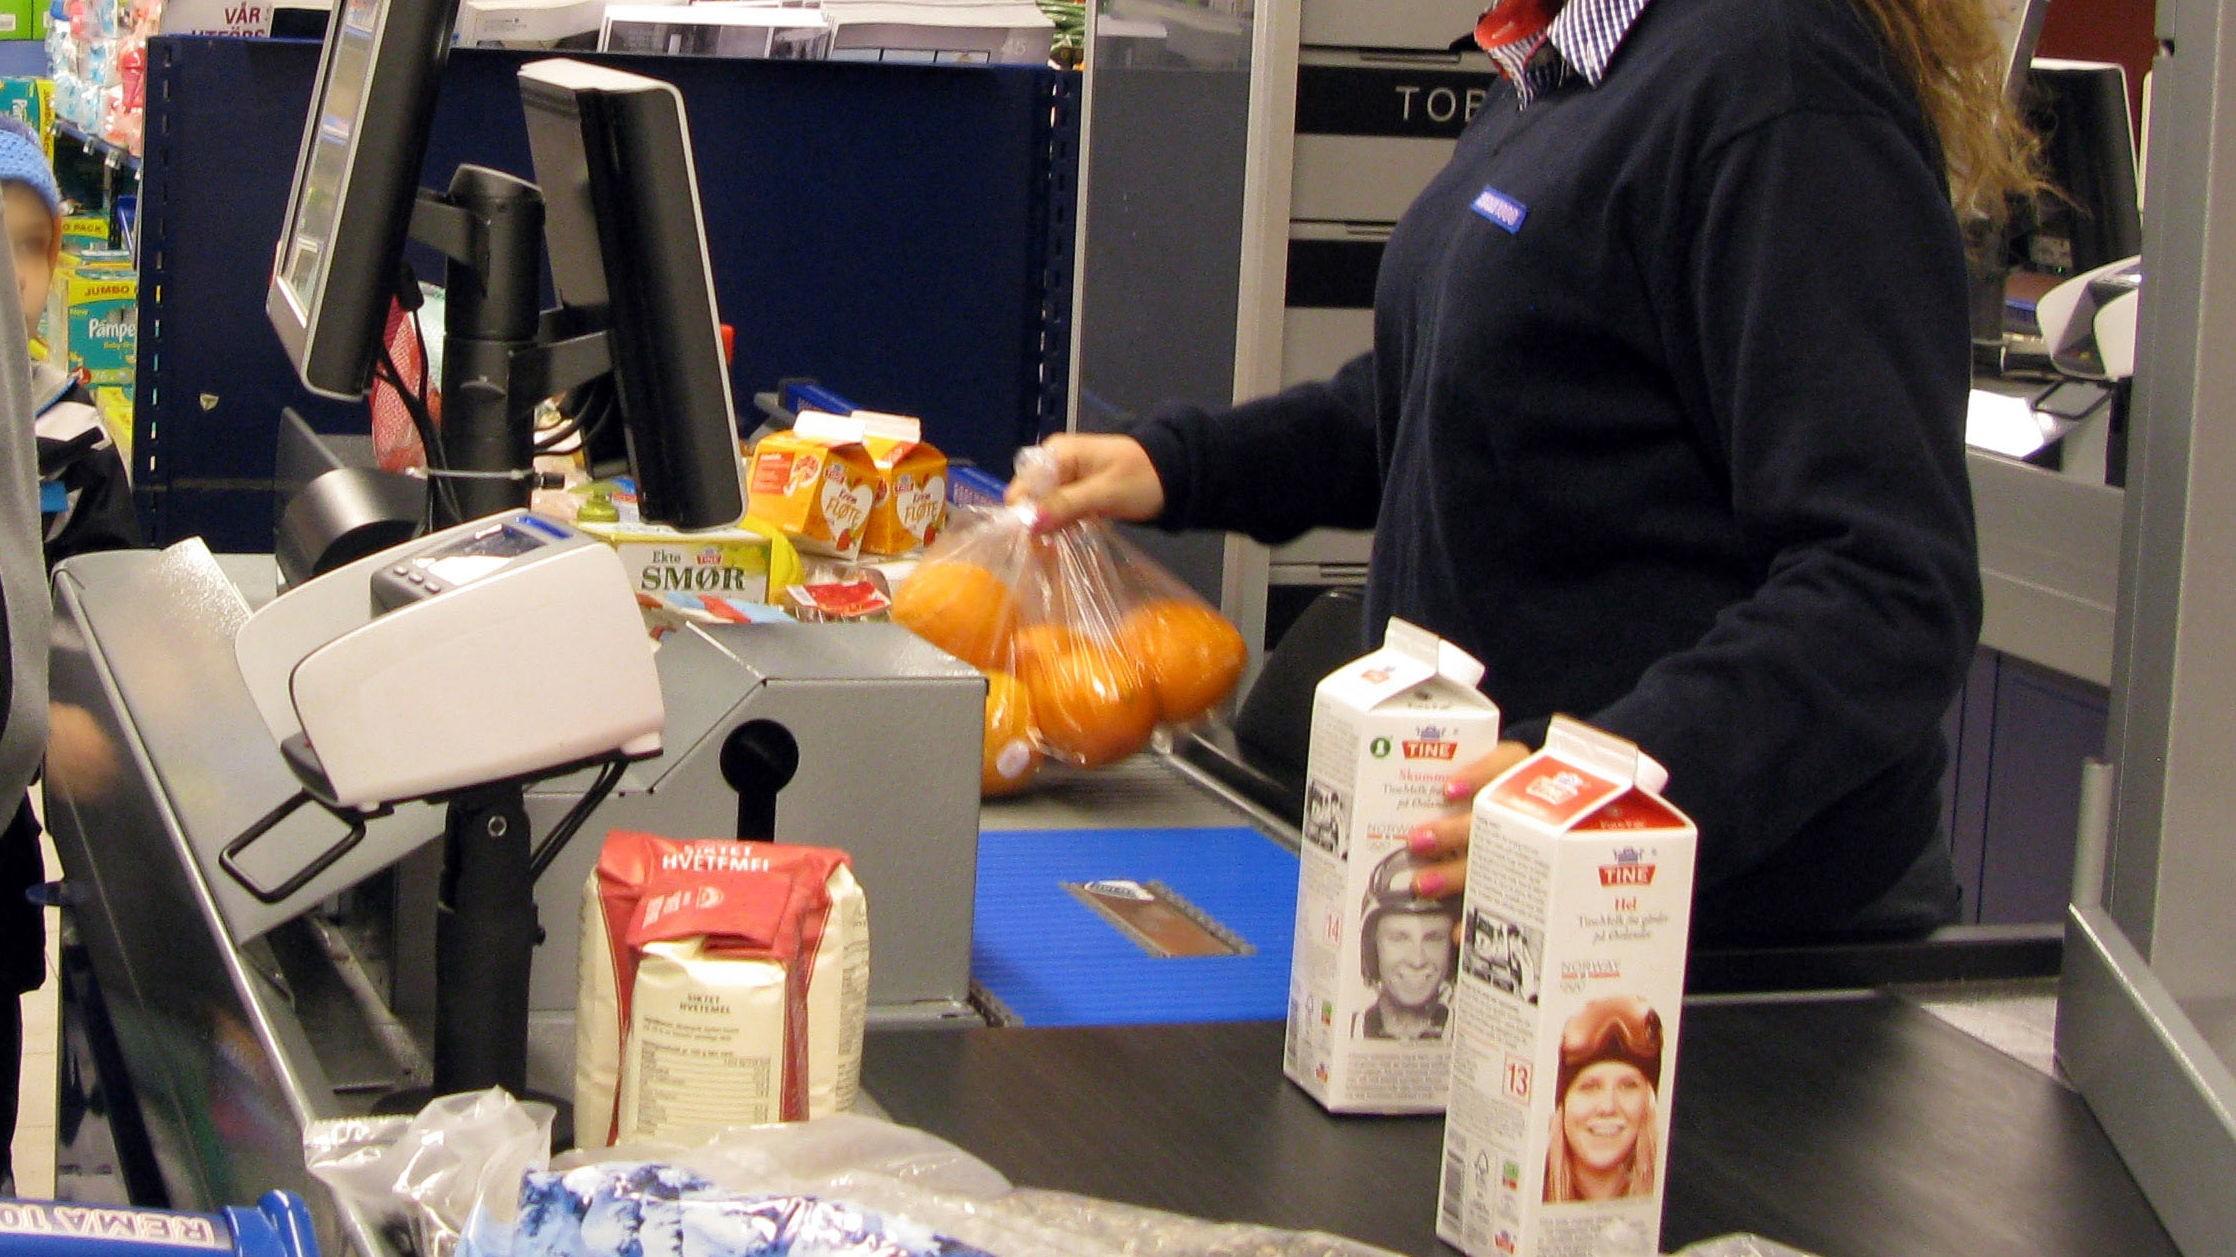 Det er 97% sannsynlighet for at automatiseringen kan gjøre hele yrket med å sitte i kassa på butikken overflødig.